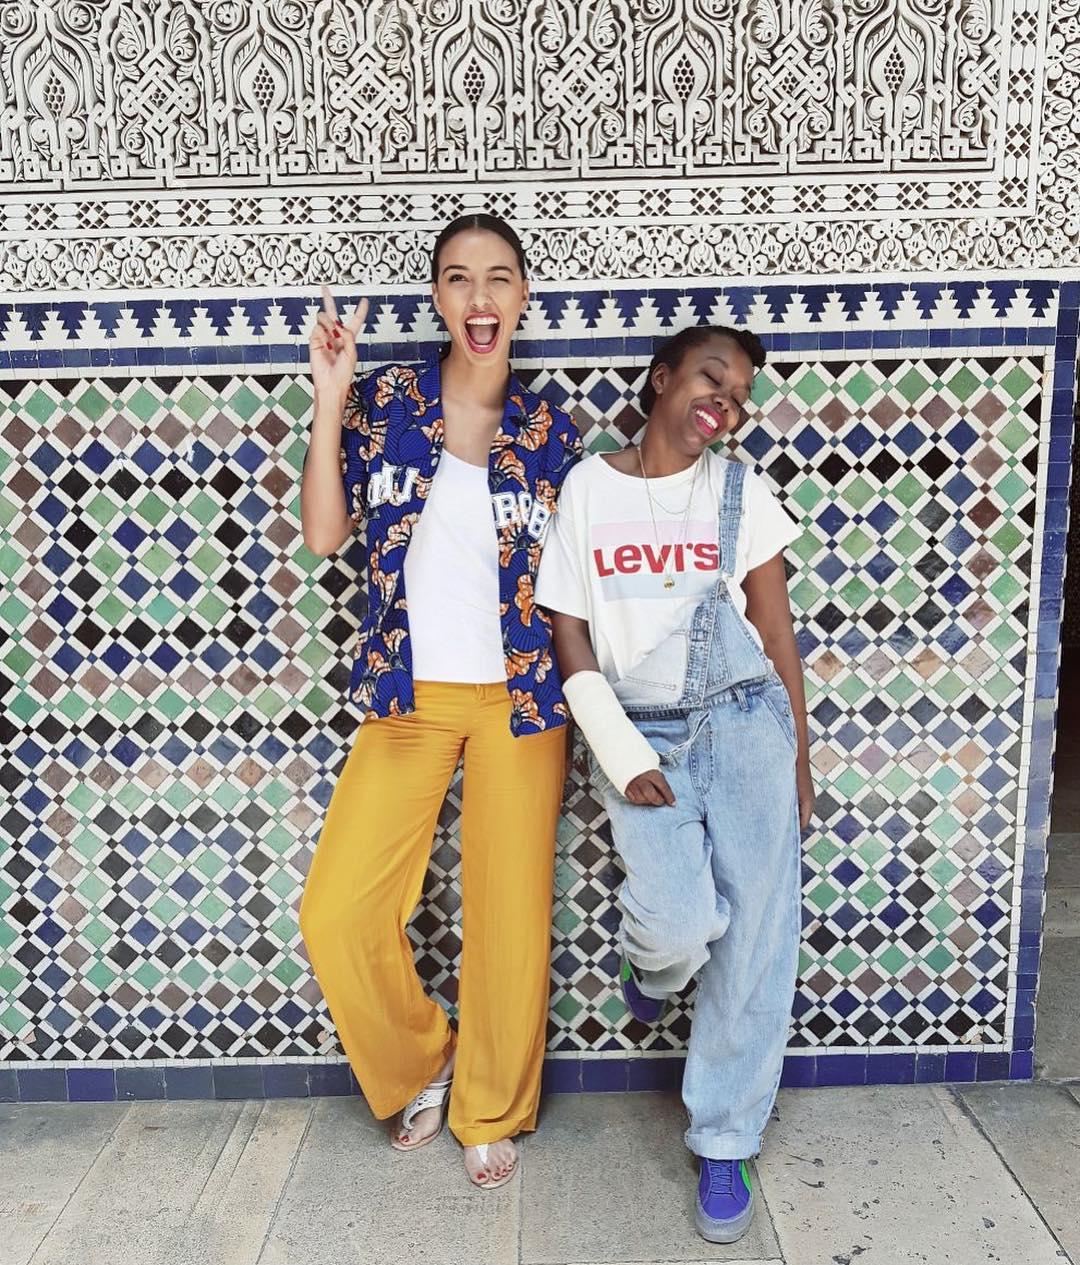 white girls levis t-shirt de Les Bourgeoises sur floracoquerel